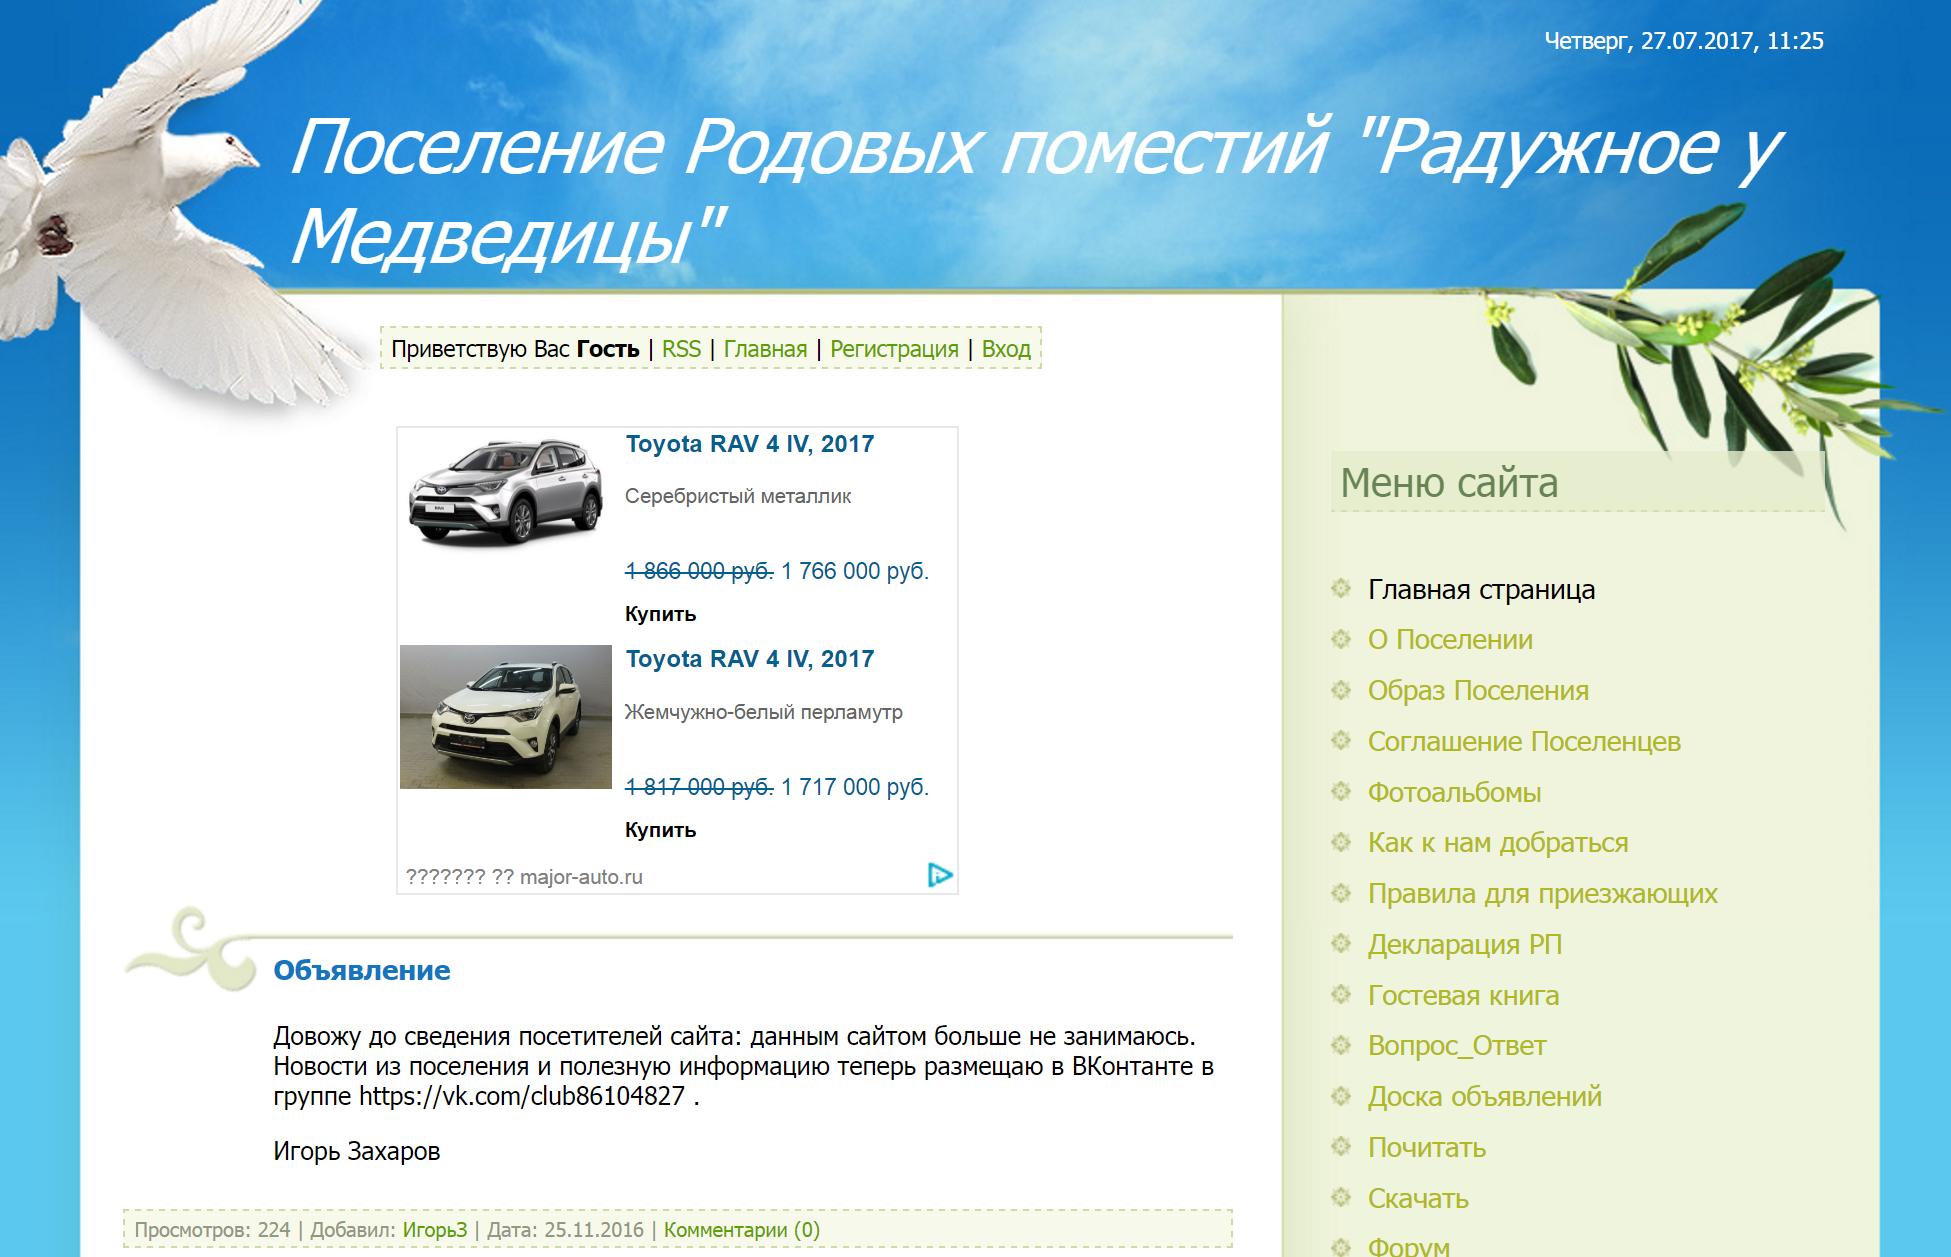 Скриншот сайте Радужное у Медведицы / http://raduzhnoe-npn.ucoz.ru/